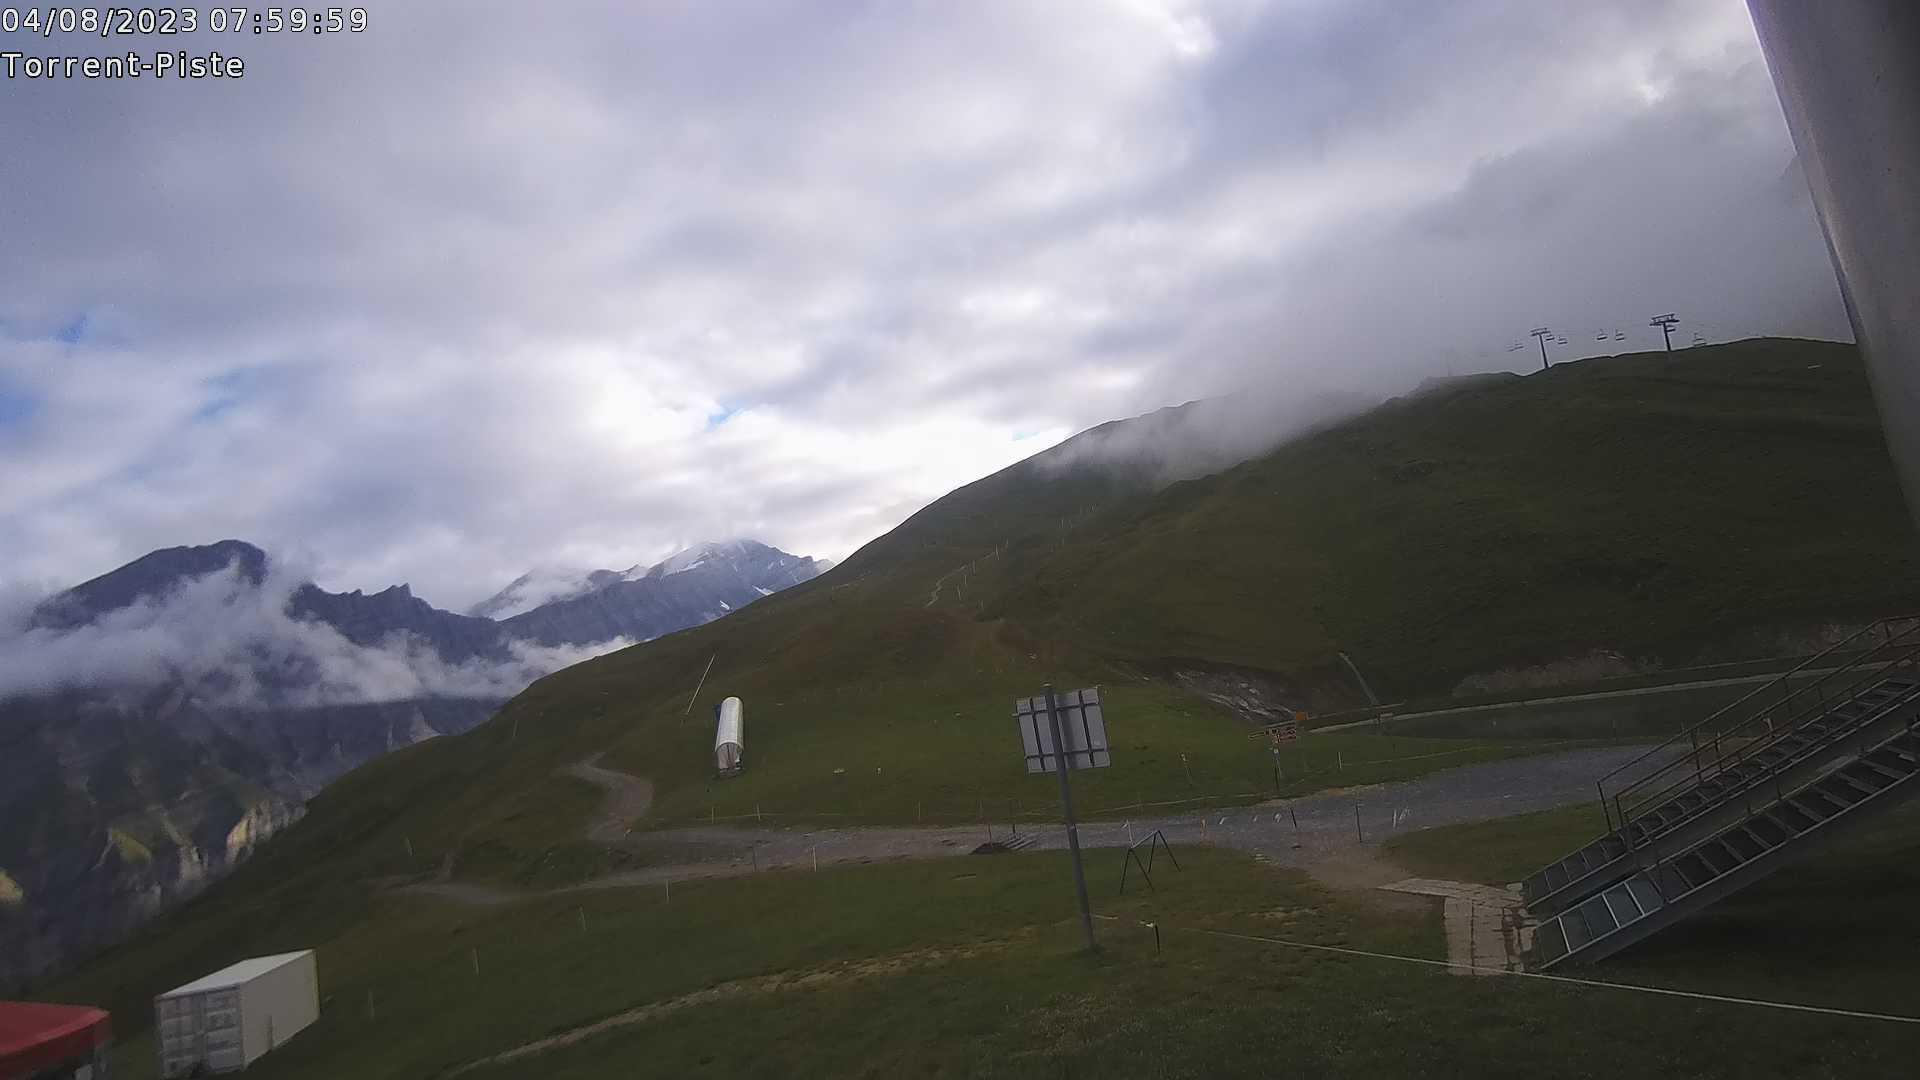 Webcam Torrent Rinderhütte Piste - Alt. 2'313 m.